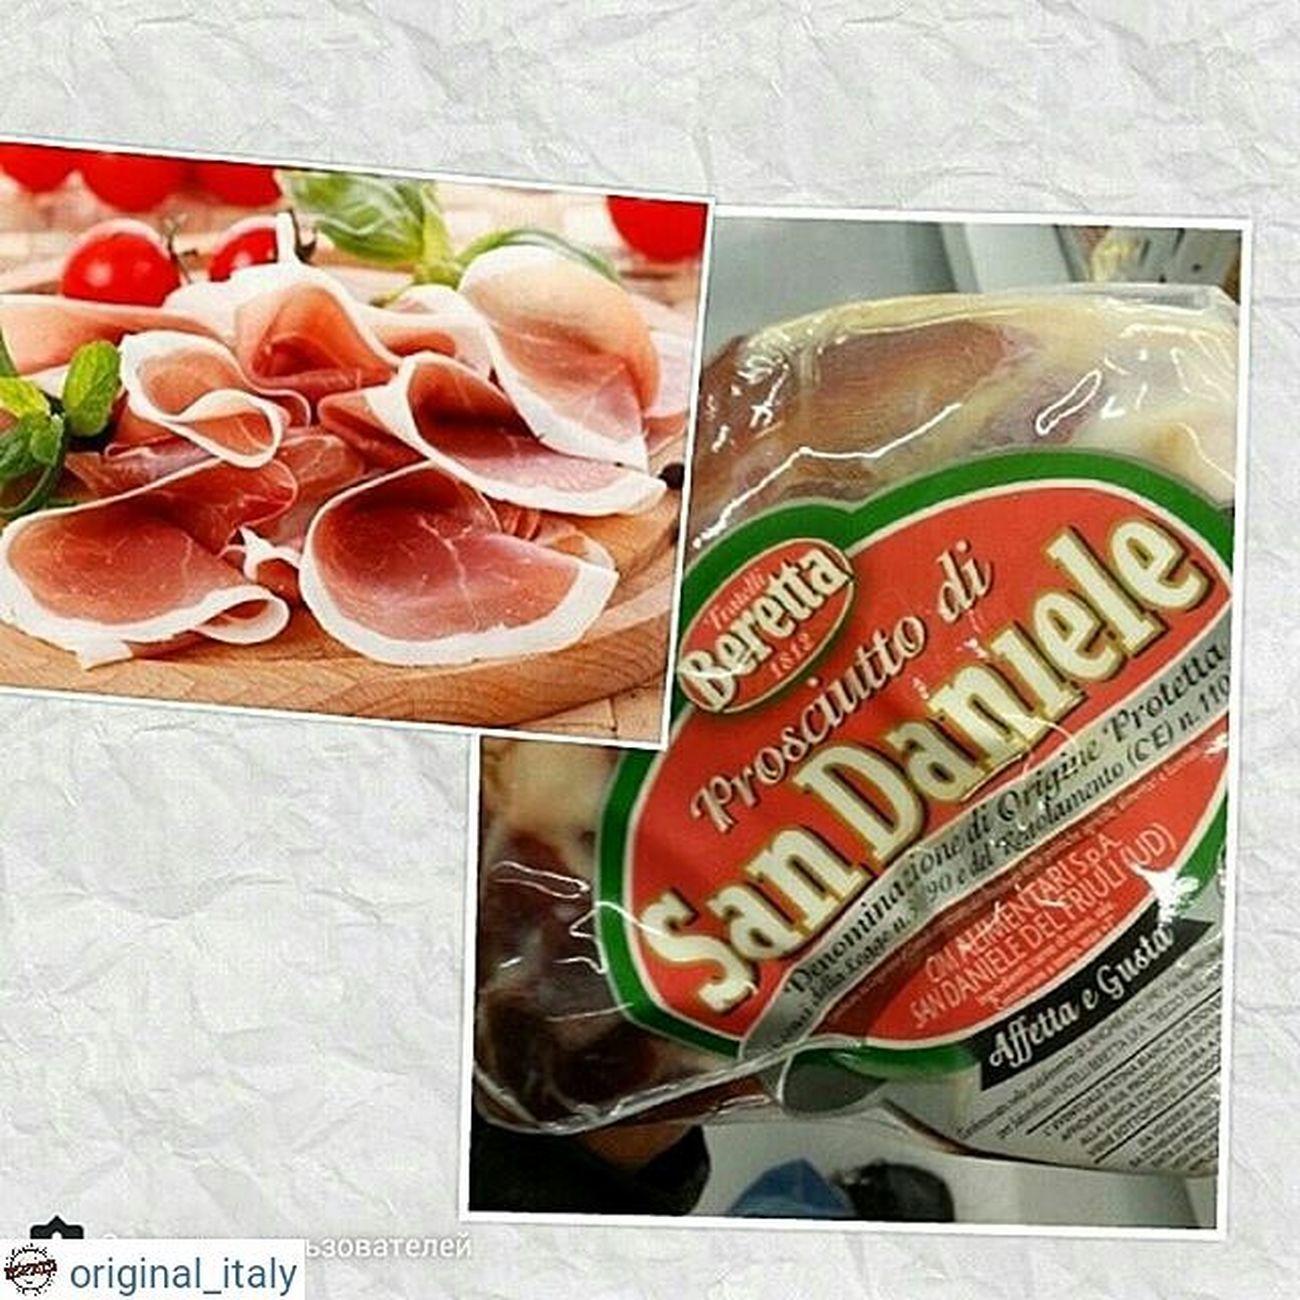 ☆☆☆☆☆ @original_italy ☆☆☆☆☆ Прошутто одним куском в вакуумной упаковке. Очень ароматное, мясо долгой выдержки. Одна из лучших фирм итальянских. Вес 1,5кг. , цена 78€ Для заказа WhatsApp, Viber + 79817855075 Италия шоппинг оригинал Original_italу кофевиноitalyкупитьмосквапитерсырсырыитальянскиесырысырнаятарелкапиццапастаПрошуттосалямиОливковоемаслоЛимончелло